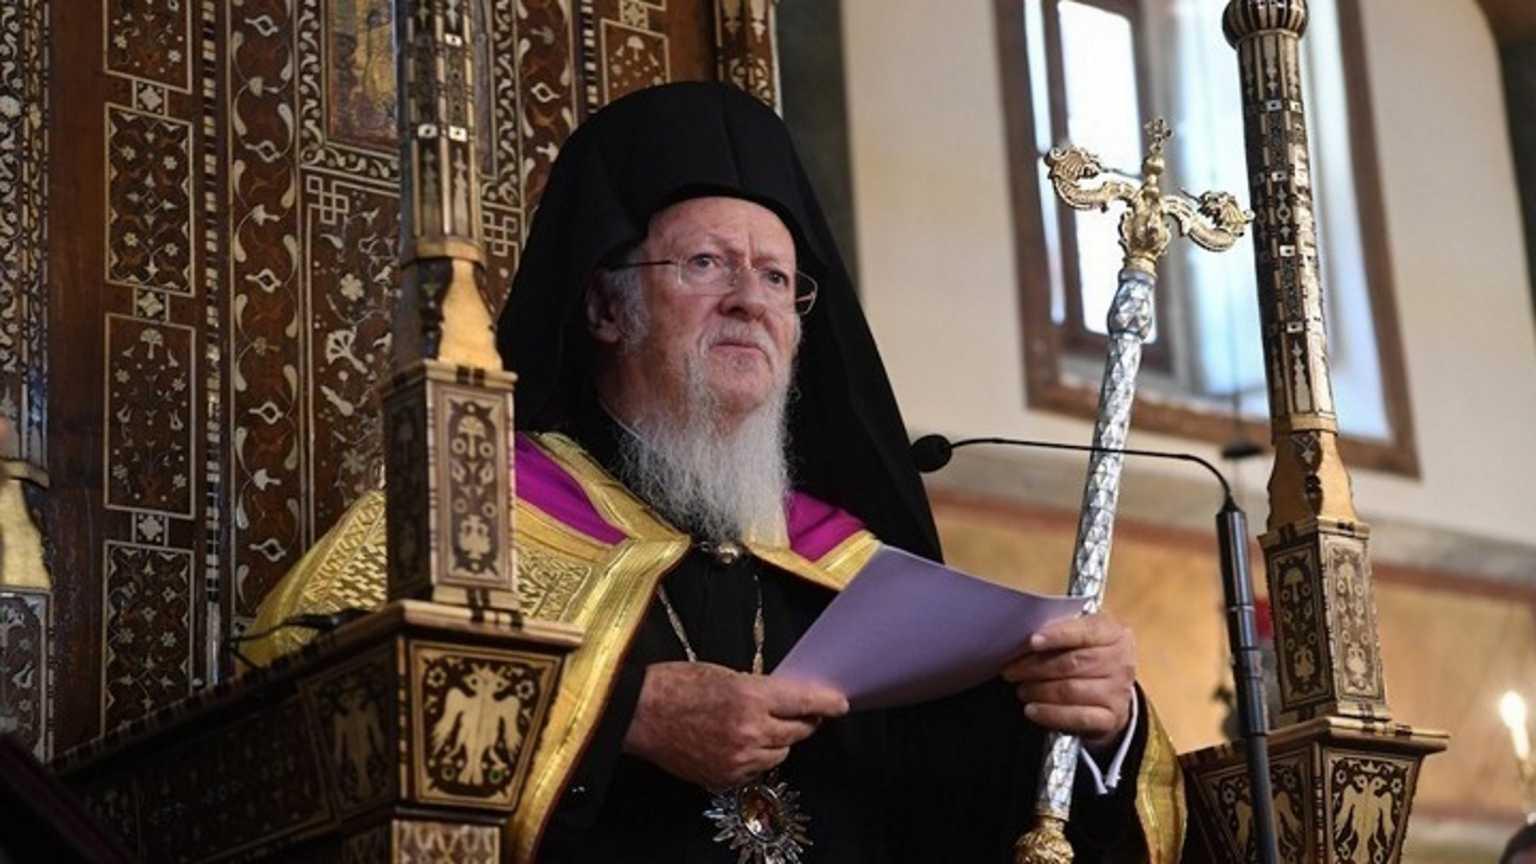 Οικουμενικός Πατριάρχης Βαρθολομαίος – Τζο Μπάιντεν: Κανονικά η συνάντηση στον Λευκό Οίκο